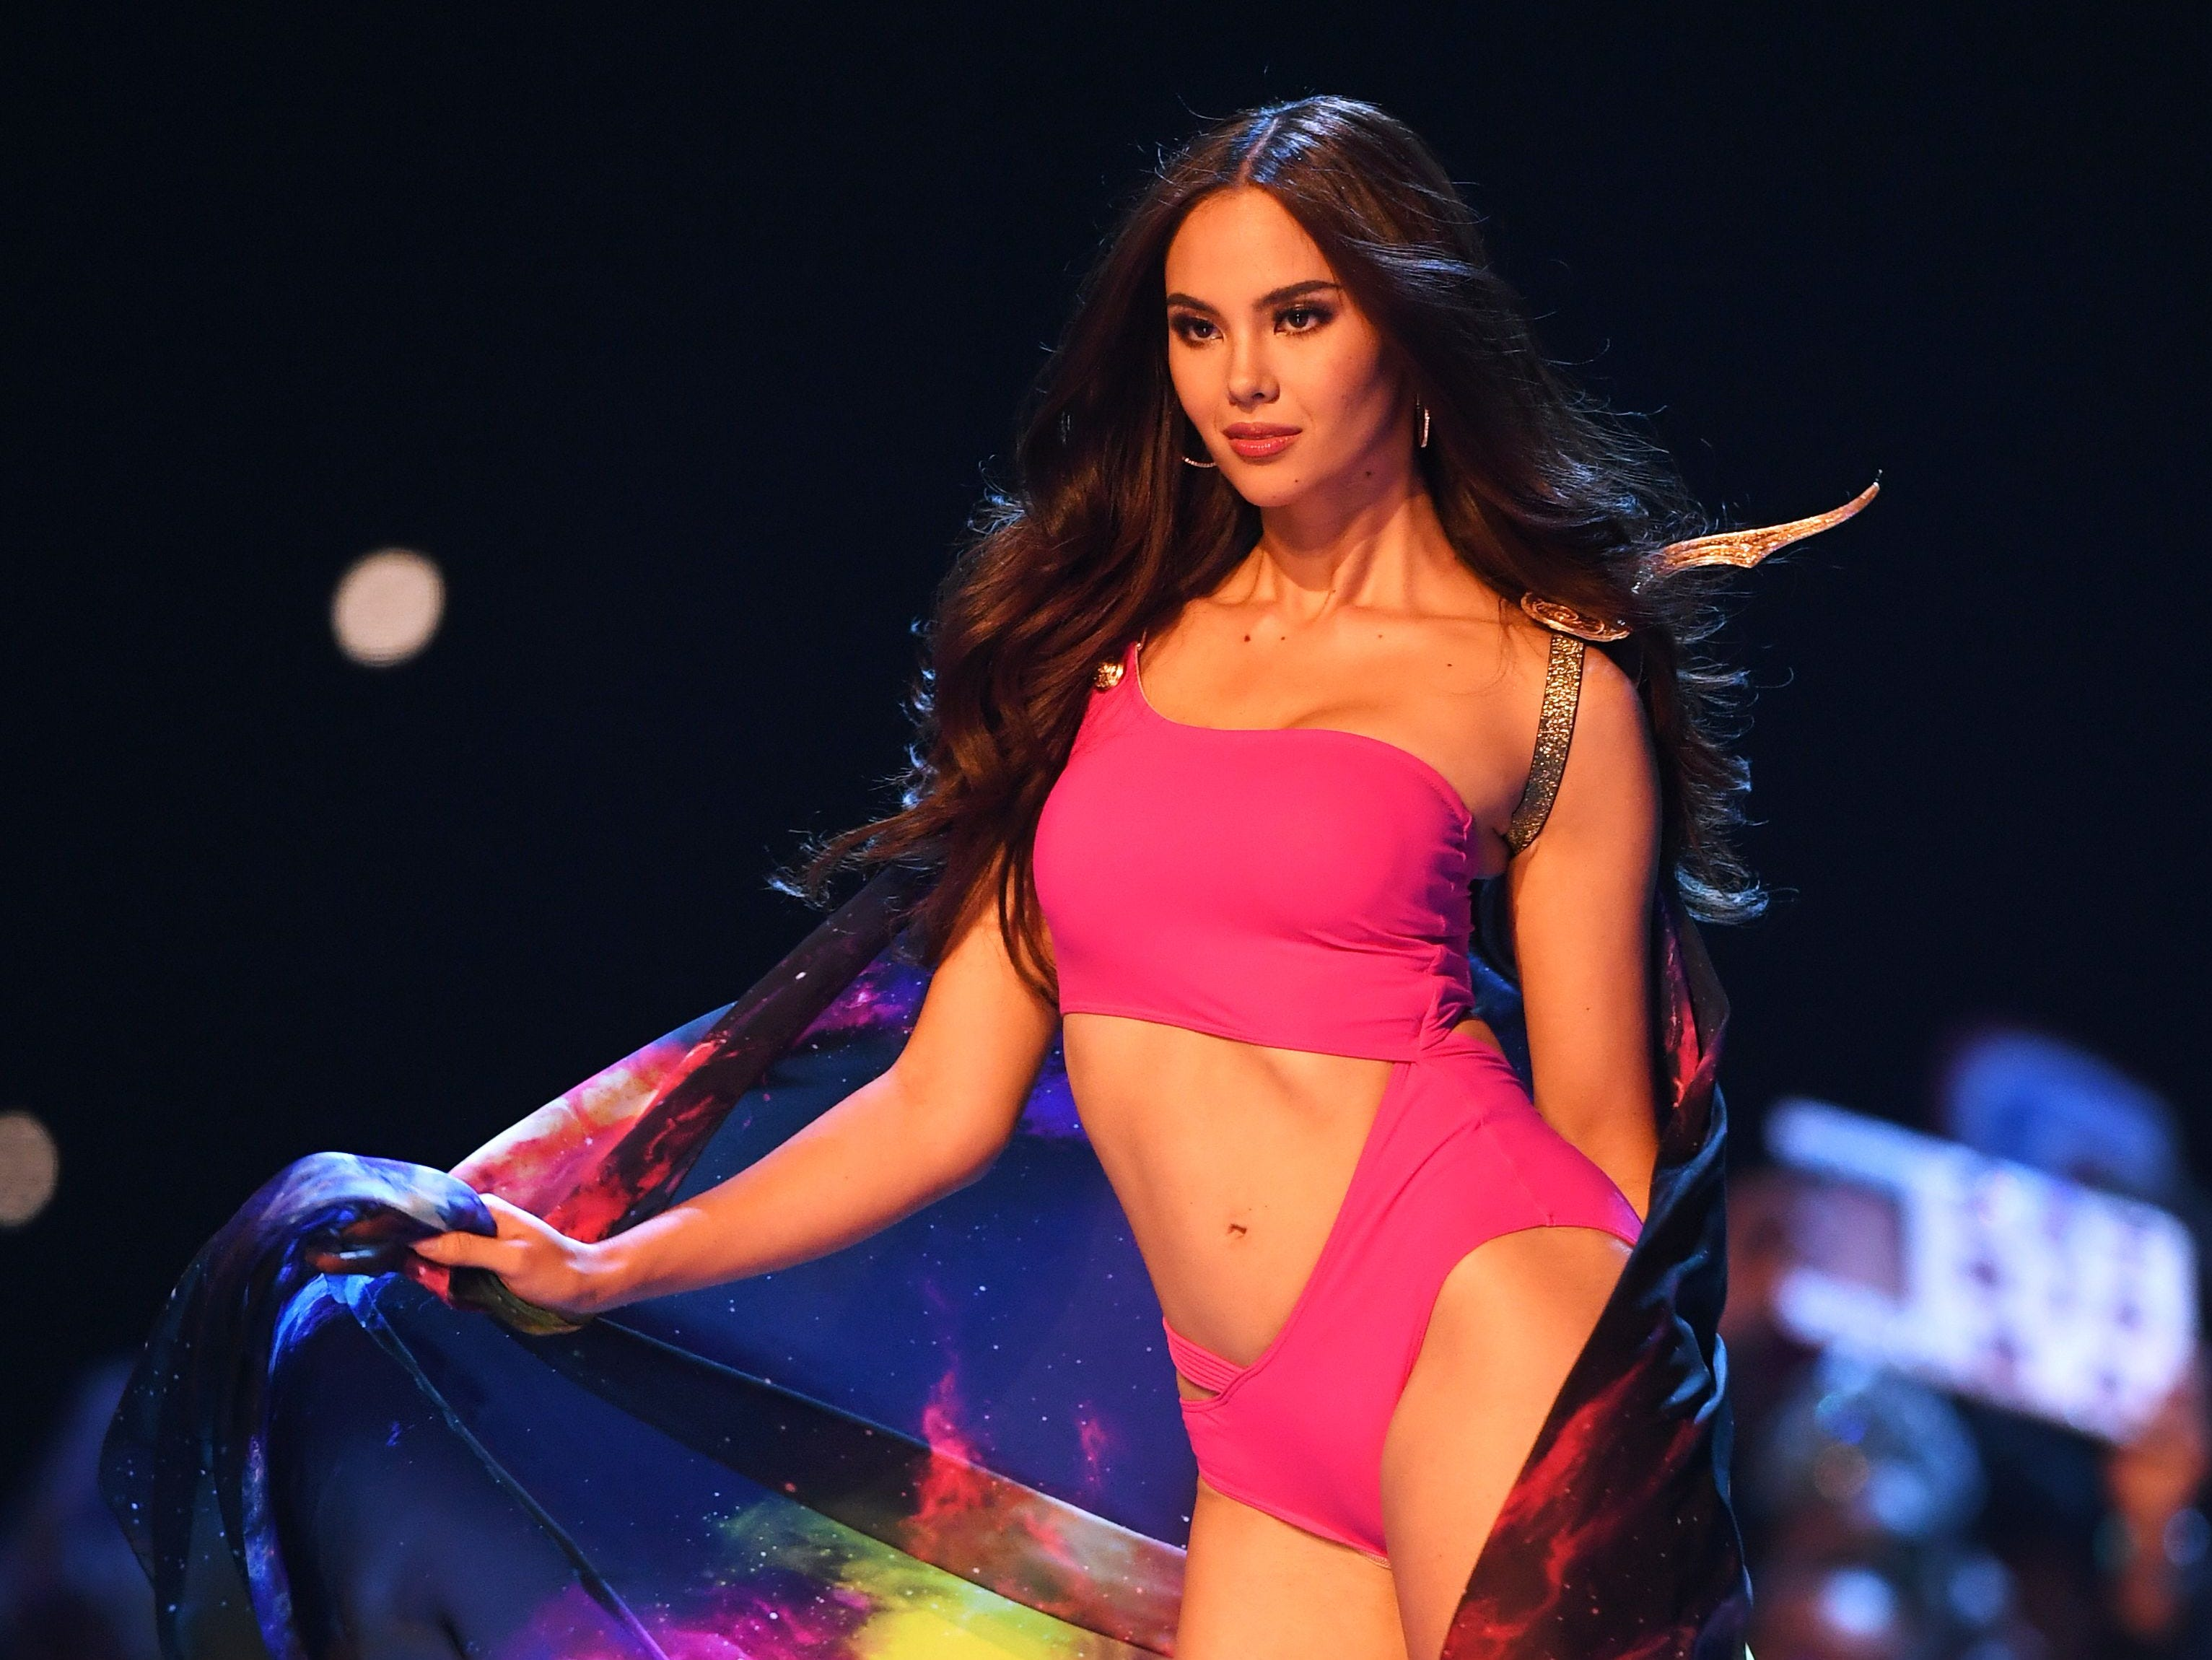 Catriona Gray, de Filipinas, en el desfile de traje de baño del concurso Miss Universo de 2018 en Bangkok el 17 de diciembre de 2018.